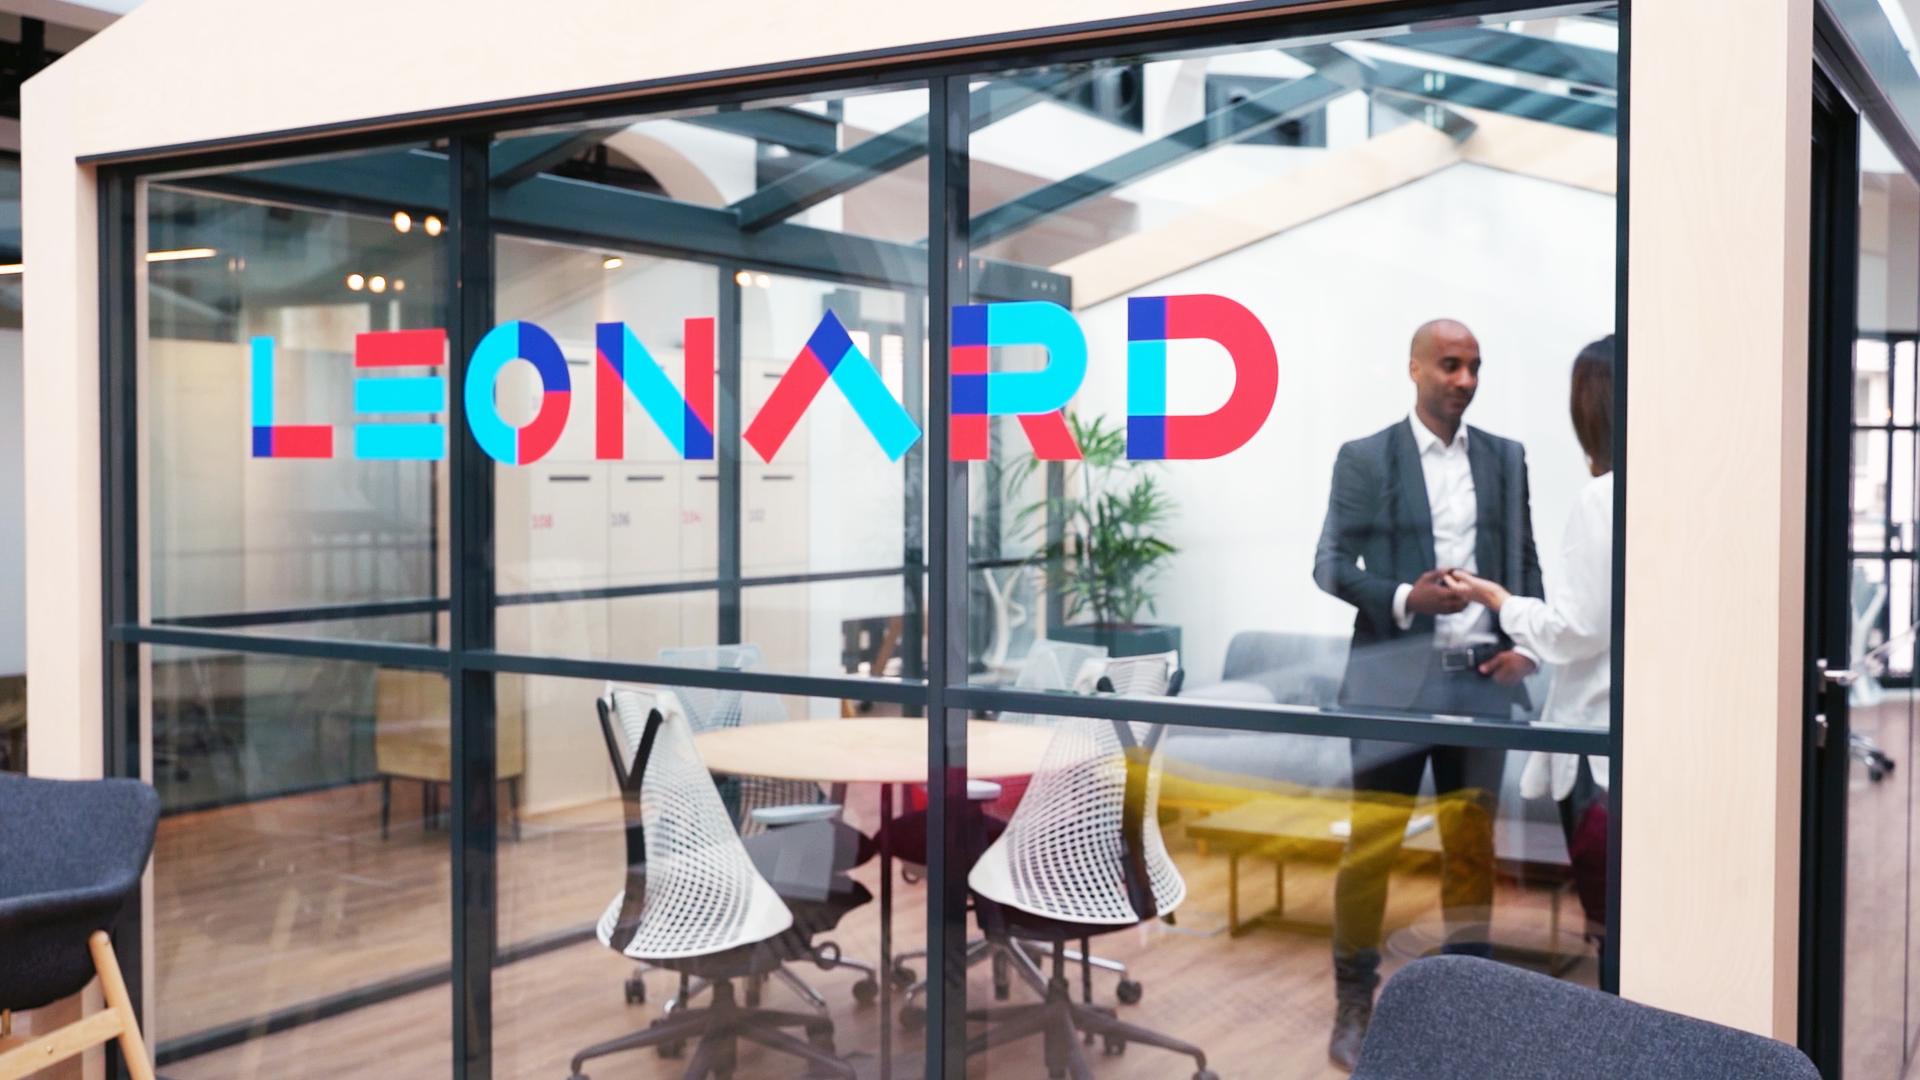 espace leonard-devenir intrapreneur-groupe vinci